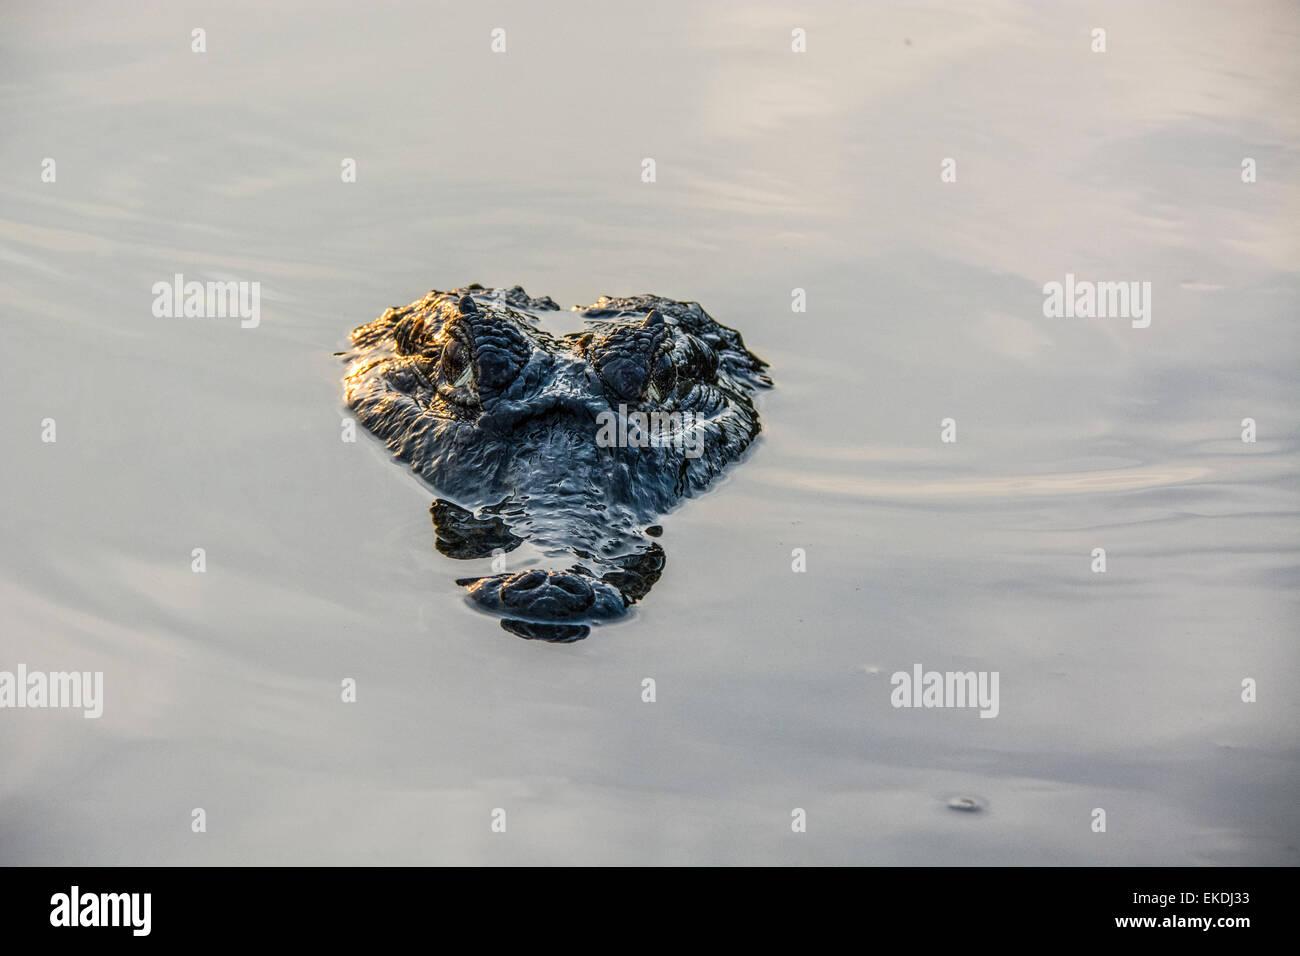 Chef d'un sinistre, Caiman Yacare Caiman crocodilus yacare, dans une rivière dans le Pantanal, Mato Grosso, Brésil, Amérique du Sud Banque D'Images